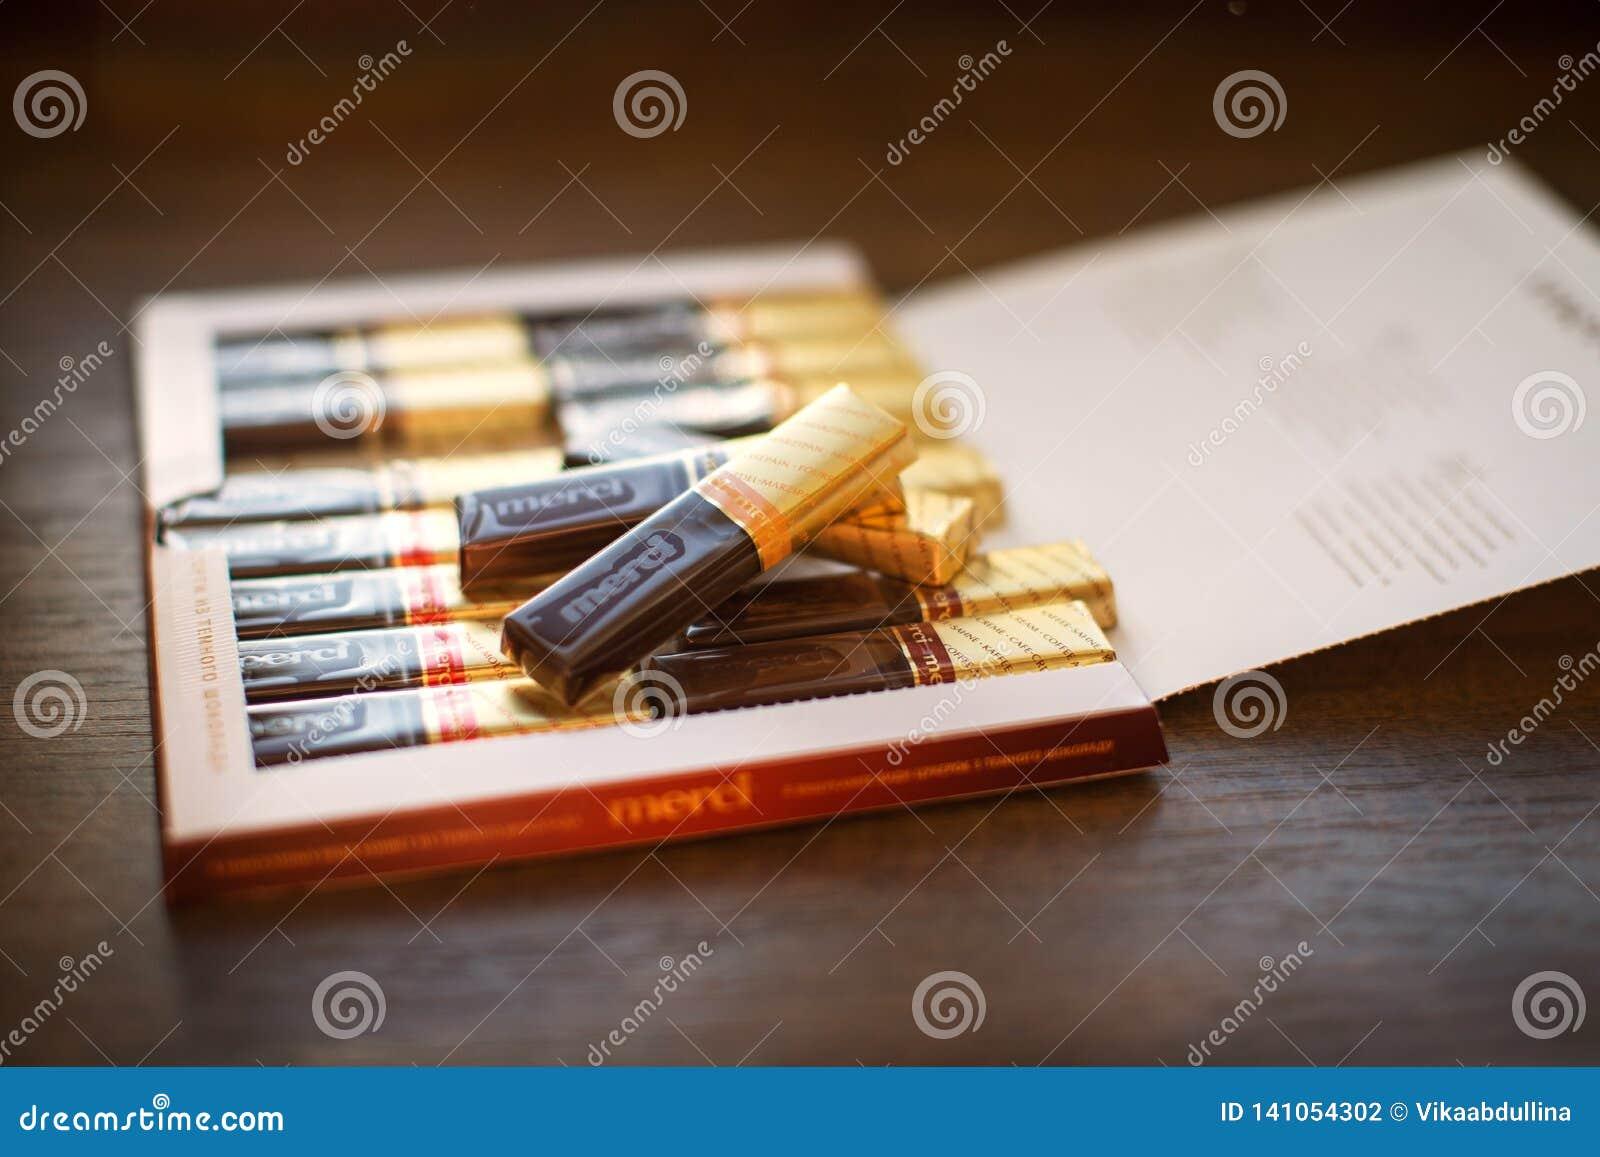 Σοκολάτα Merci - εμπορικό σήμα της καραμέλας σοκολάτας που κατασκευάζεται από τη γερμανική επιχείρηση Αύγουστος Storck, που πωλεί